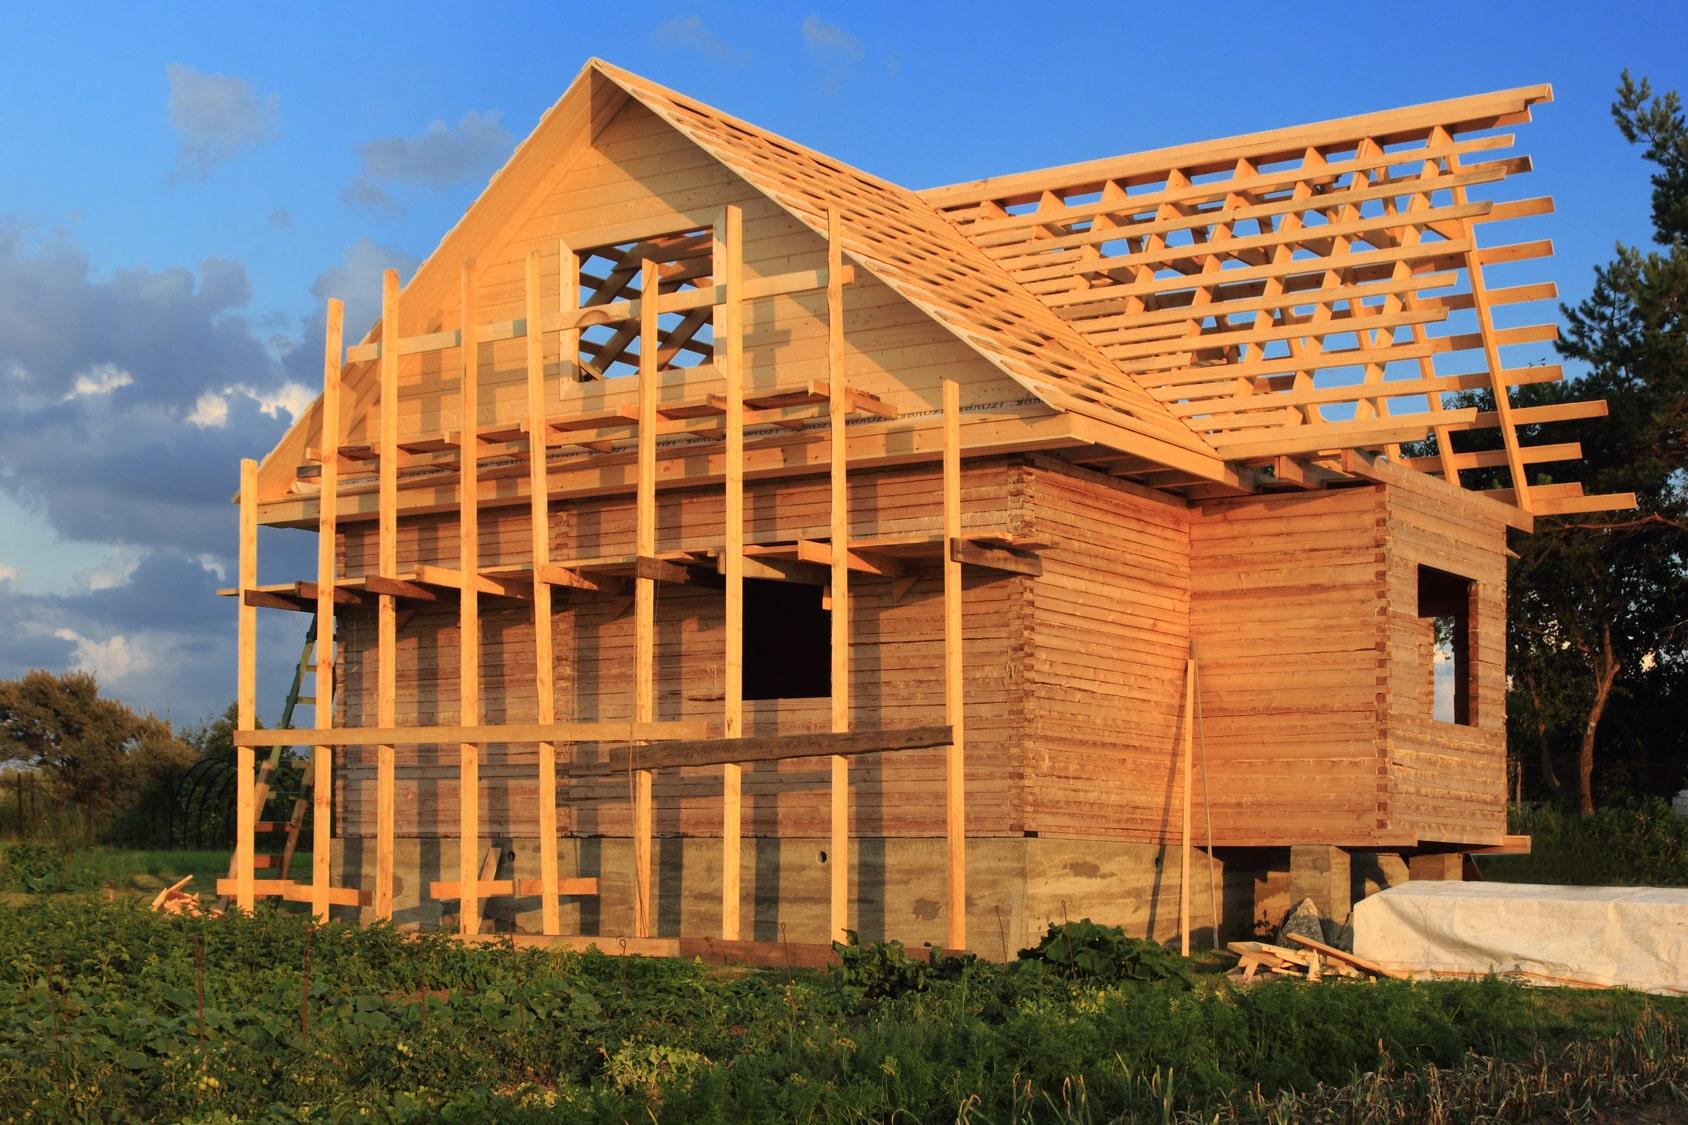 Le Prix De Construction D Une Maison En Bois Au M2 Et Devis